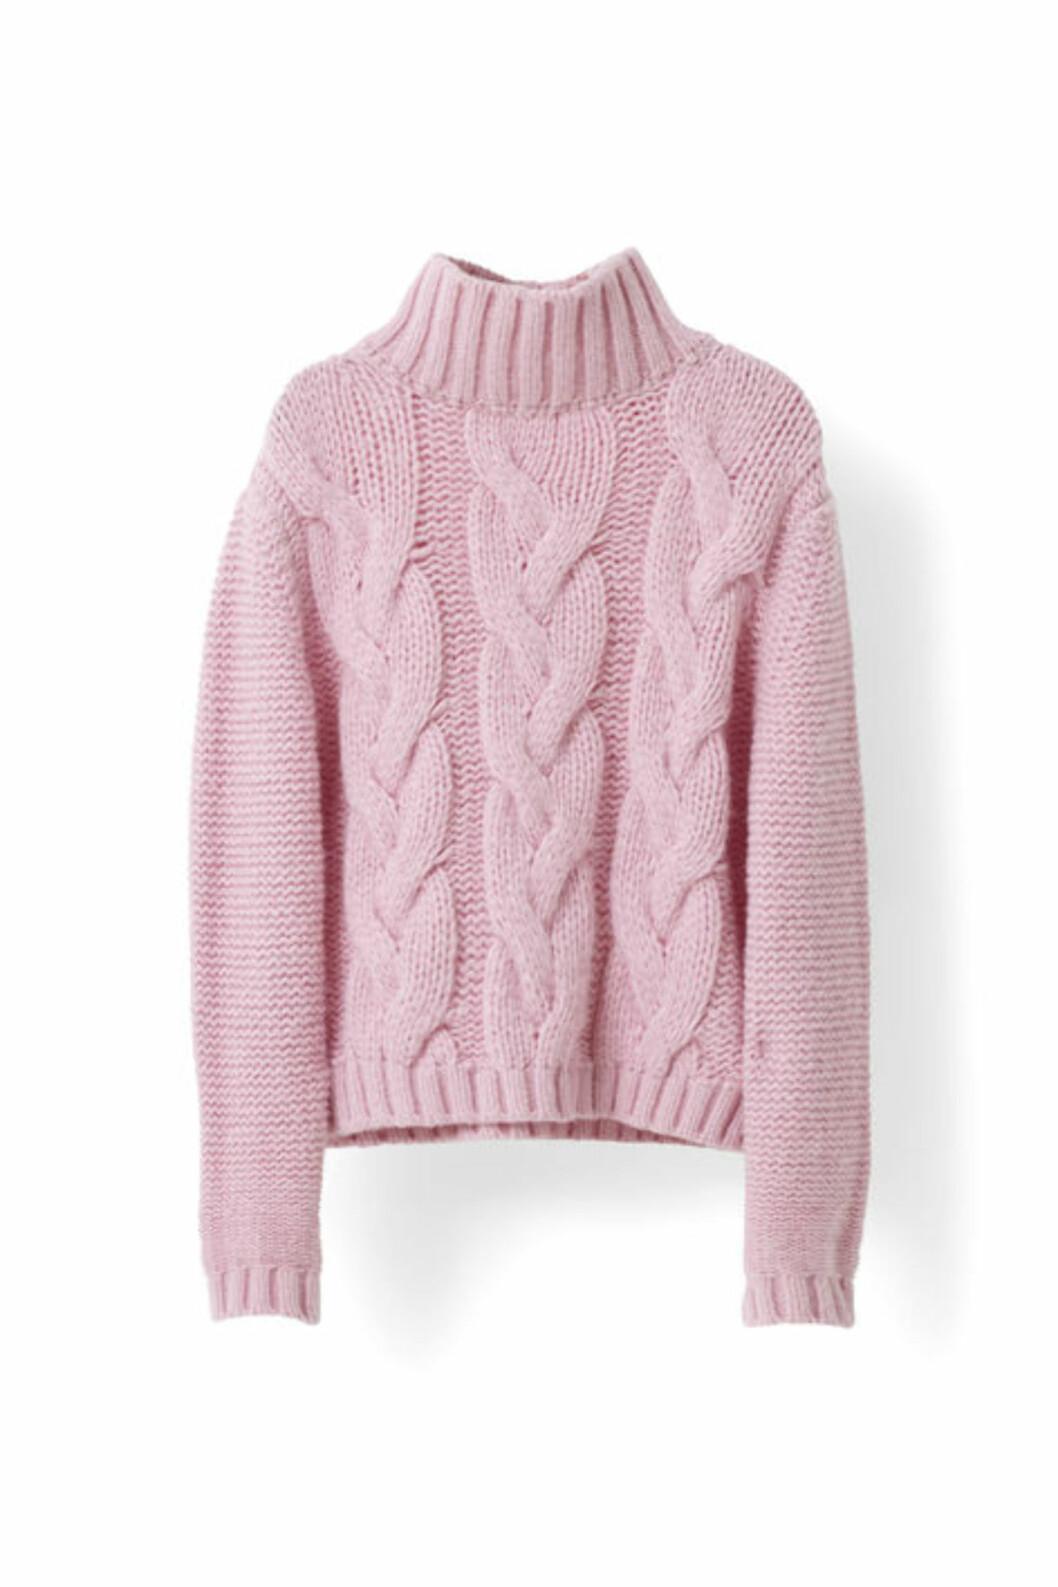 Strikkagenser fra Ganni | kr 3499 | http://www.ganni.com/shop/shirts-and-blouses/brooks-rollneck/K0893.html?dwvar_K0893_color=Peony%20Melange#start=21